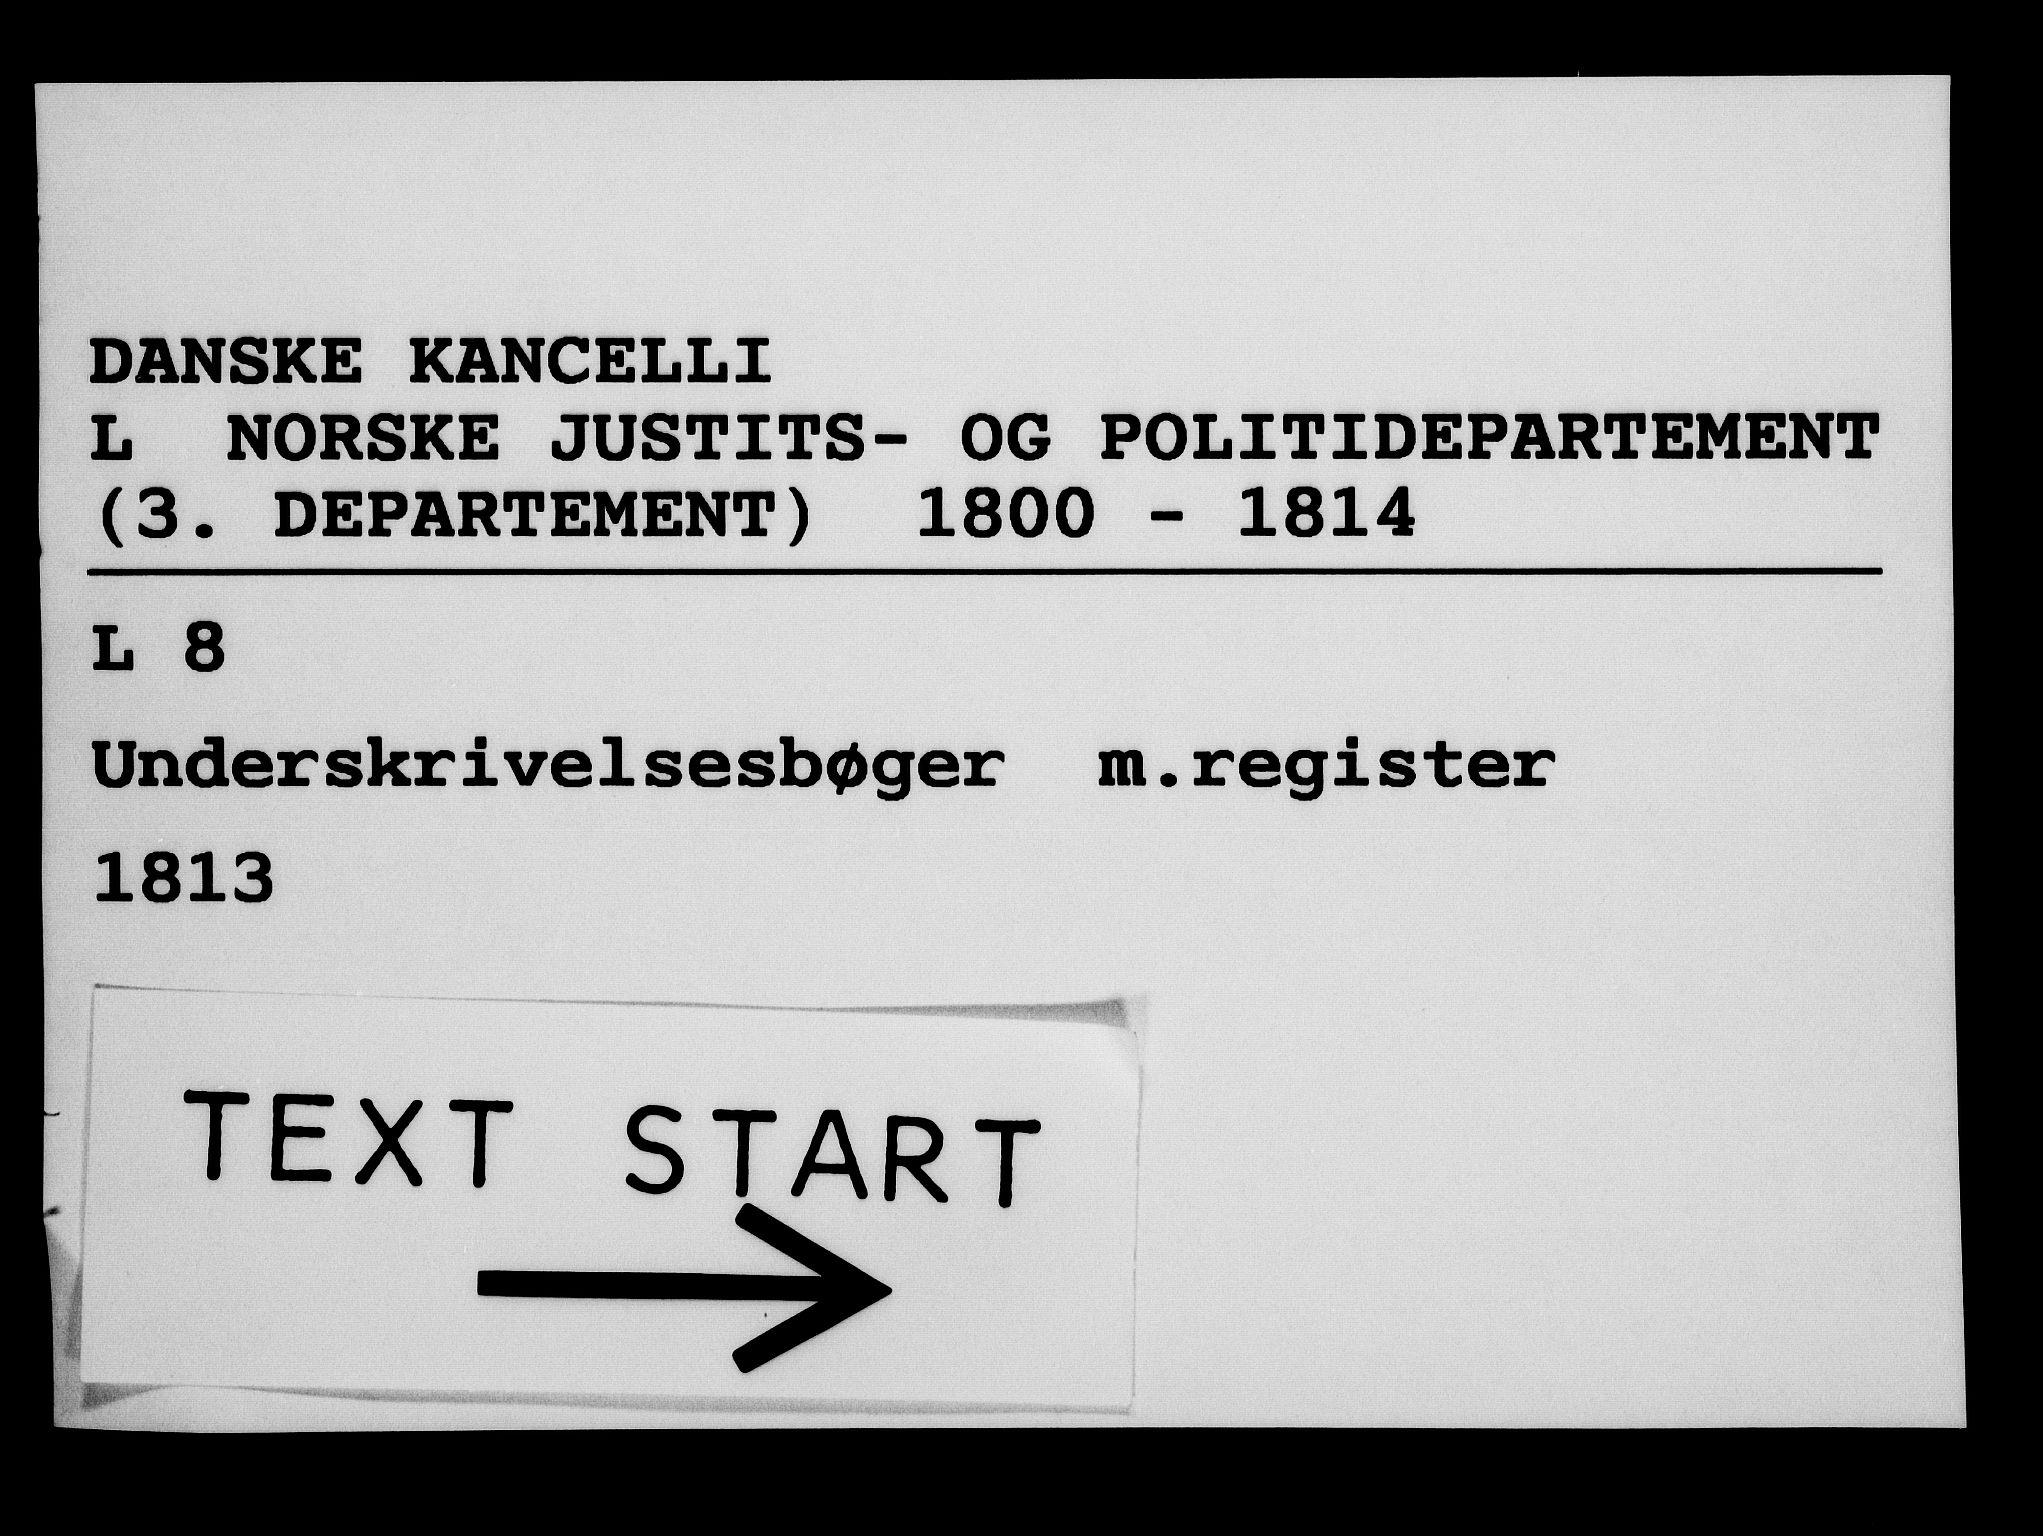 RA, Danske Kanselli 1800-1814, H/Hf/Hfb/Hfbc/L0014: Underskrivelsesbok m. register, 1813